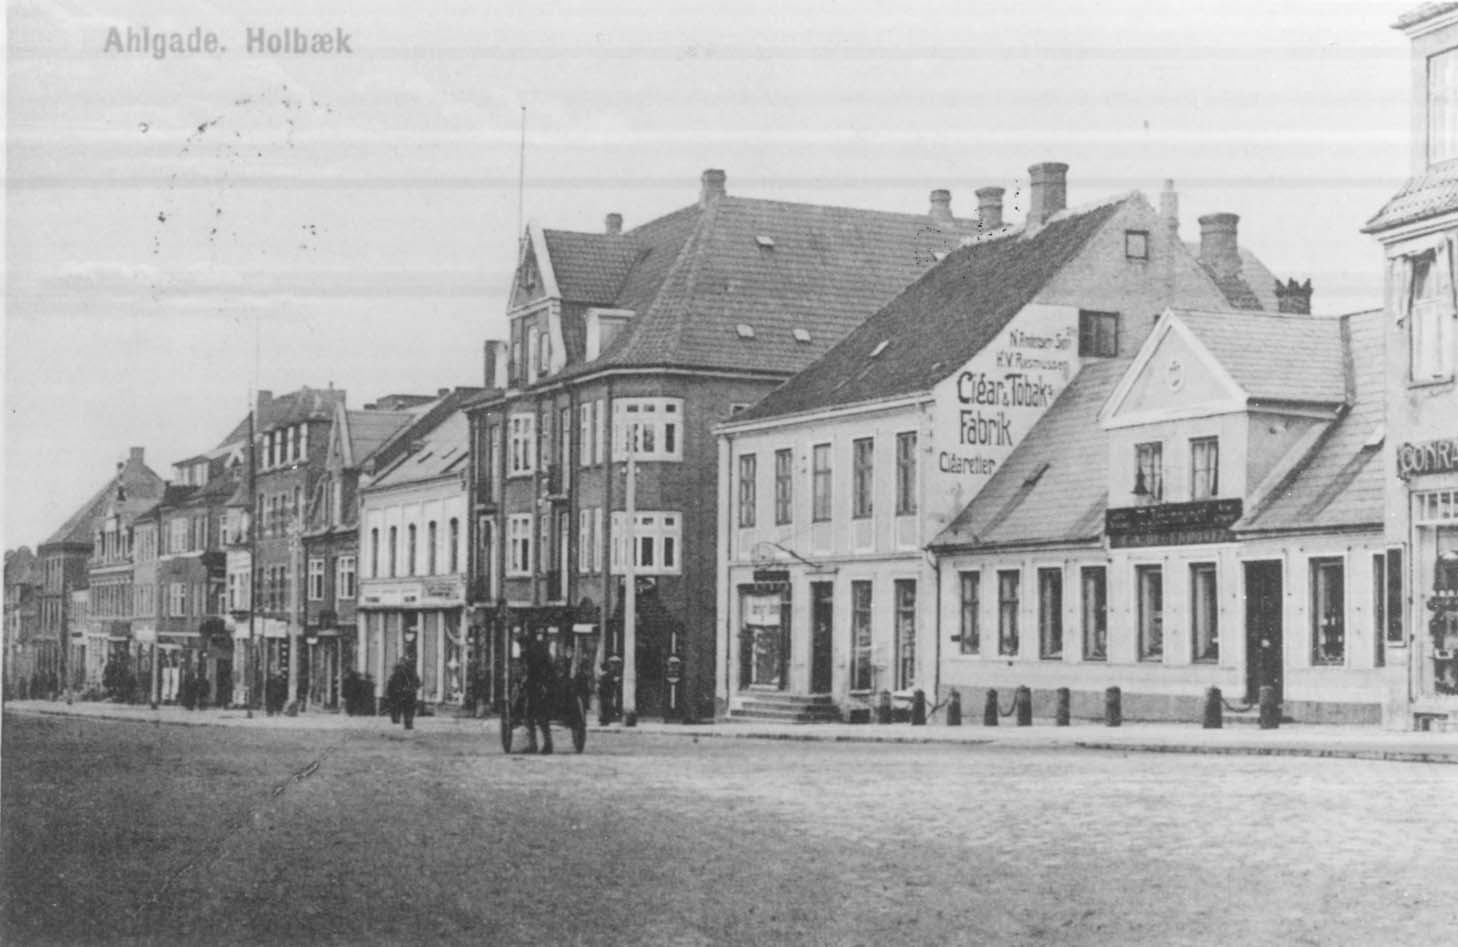 Man kan bl.a. høre om Andersens Tobaksfabrik i Ahlgade i Holbaekonline.dks udsendelse på LokalKanalen. Foto: Holbæk Stadsarkiv.